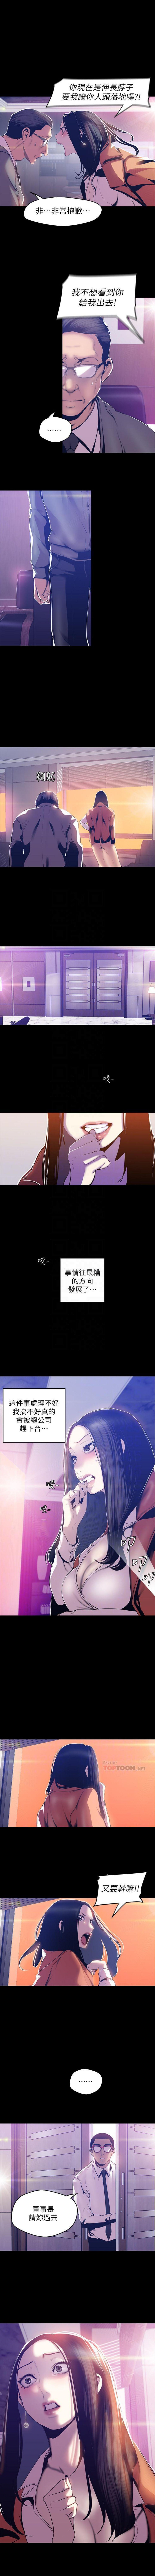 (週1)美麗新世界 1-70 中文翻譯 (更新中) 566